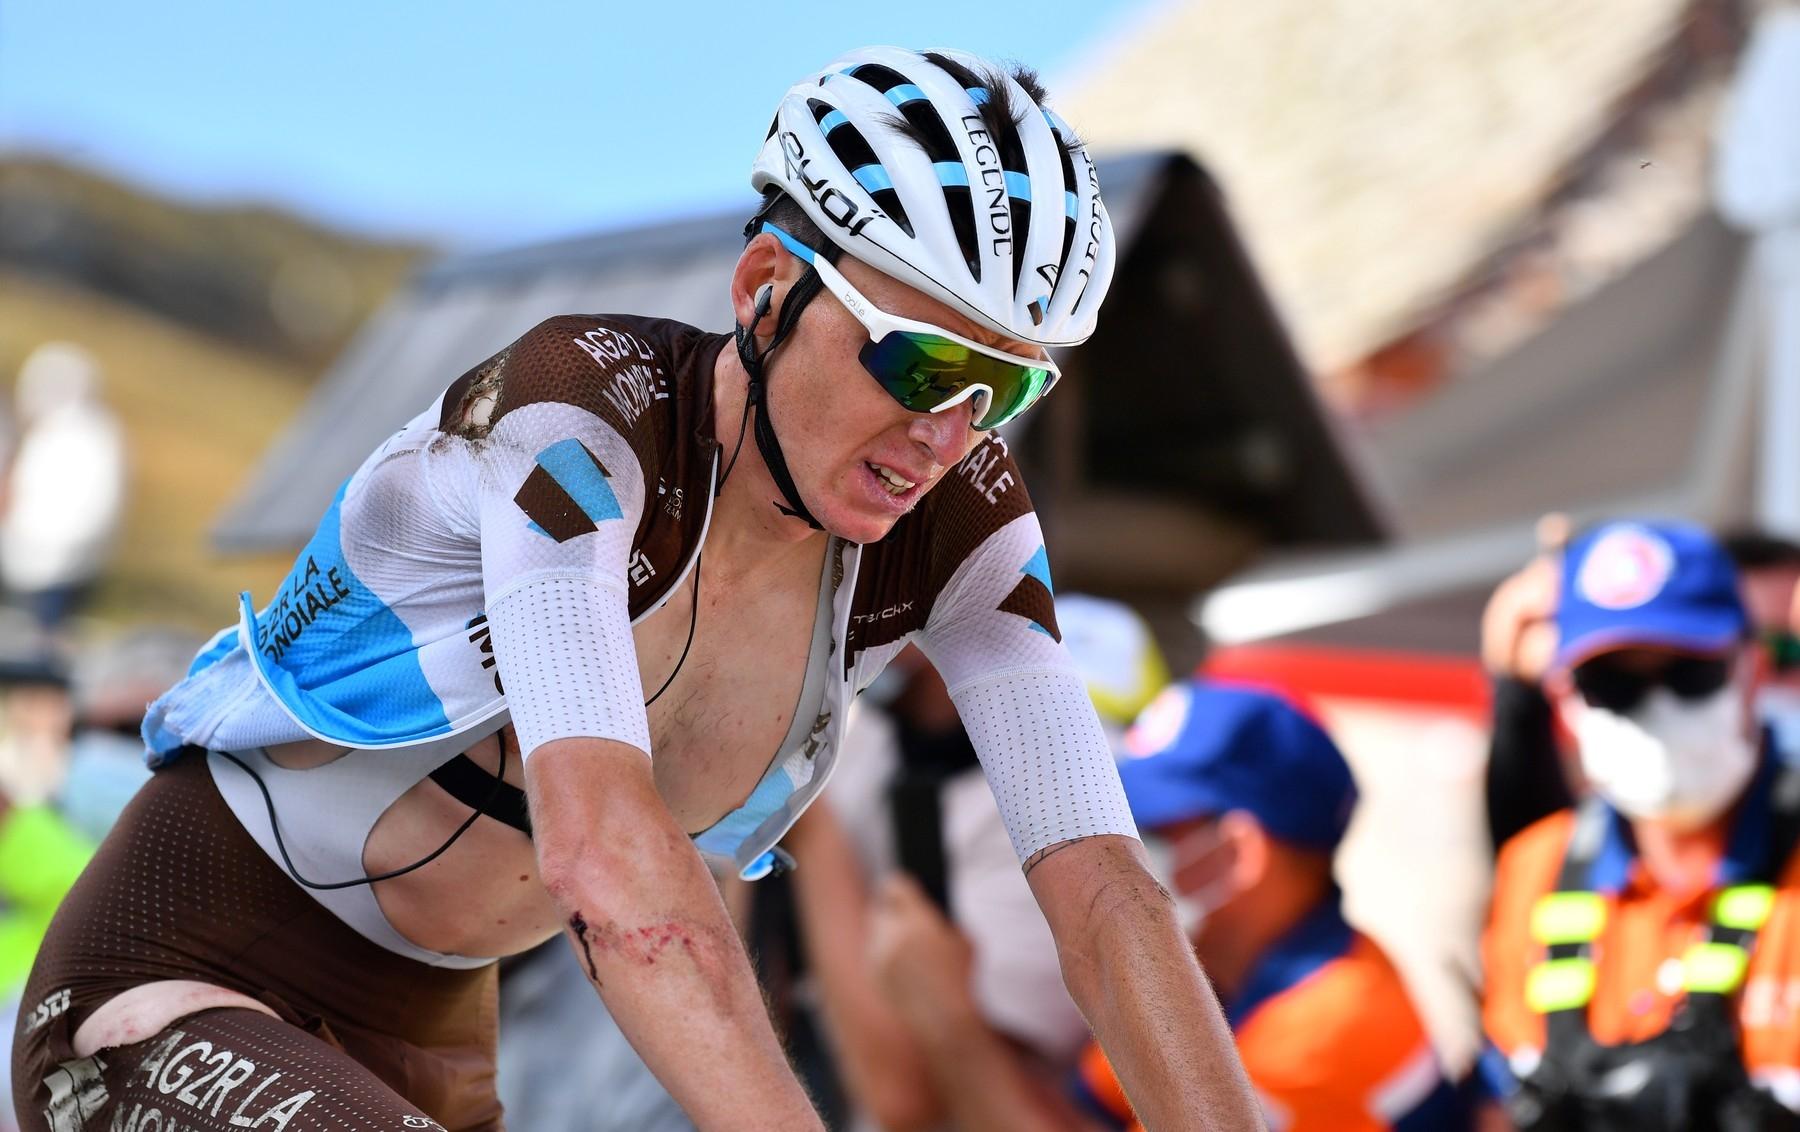 Romain Bardet v cíli 13. etapy vypadal po pádu relativně dobře. Odřeniny na ruce, stehně a rameni se nezdály být nijak problematické. Ve skutečnosti krvácel do mozku. Foto: profimedia